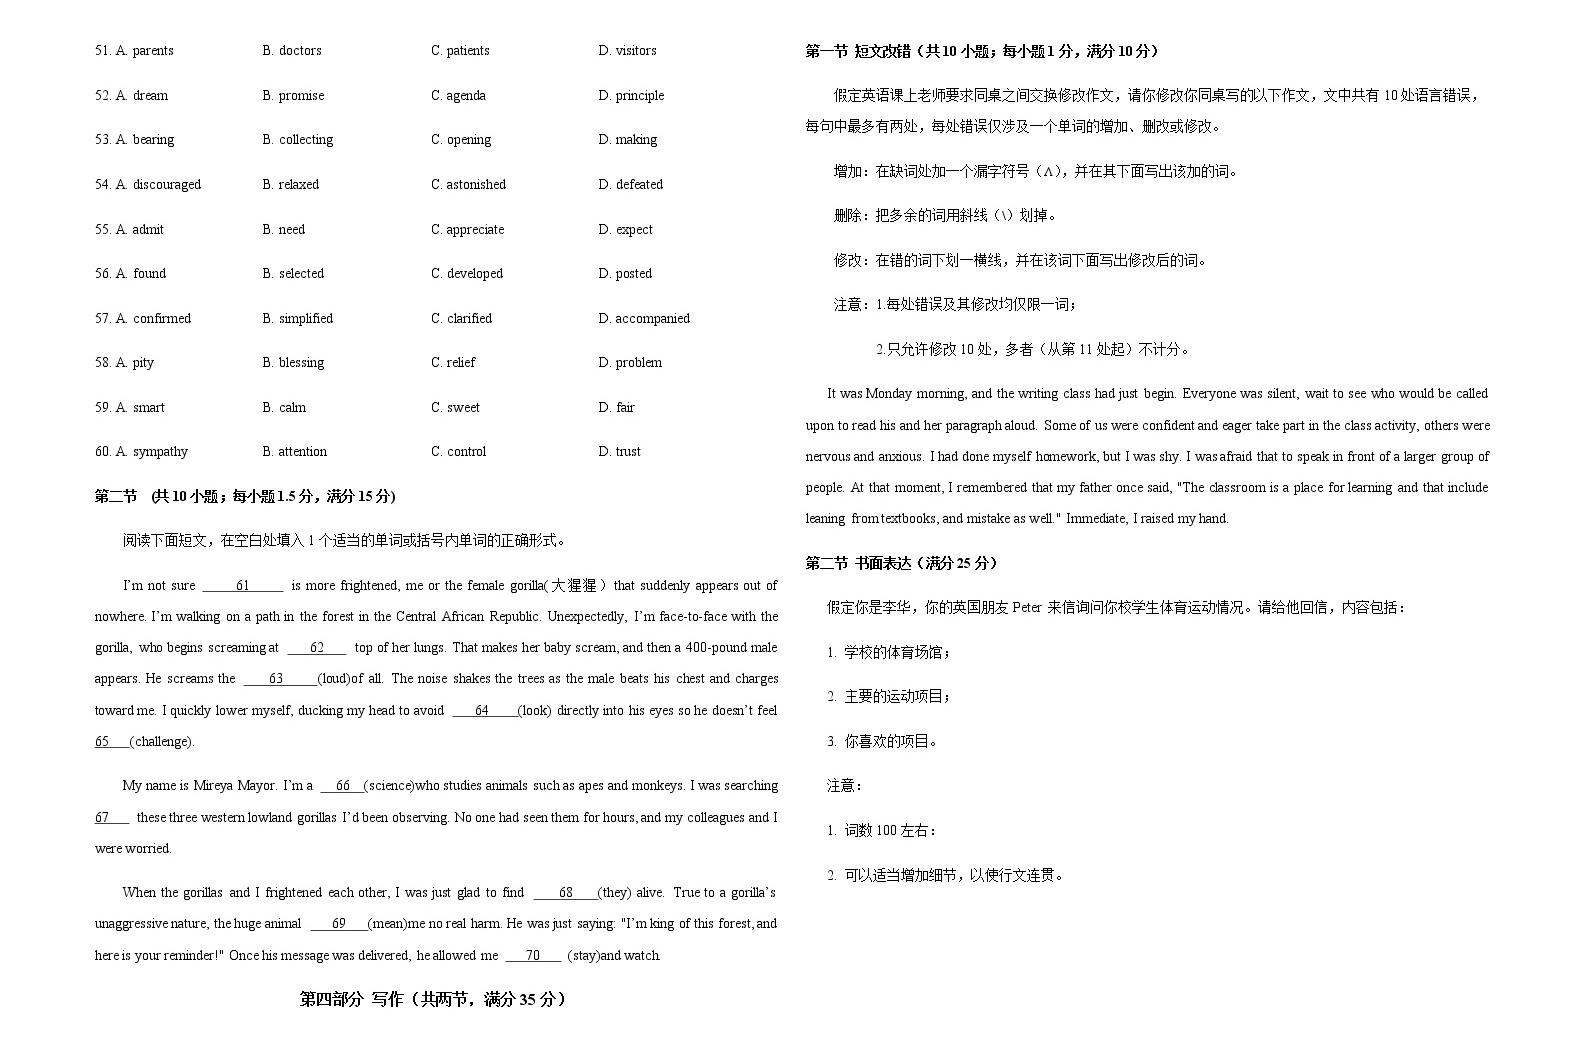 (精校版)2018年全國卷Ⅲ英語高考真題文檔版(含答案)05